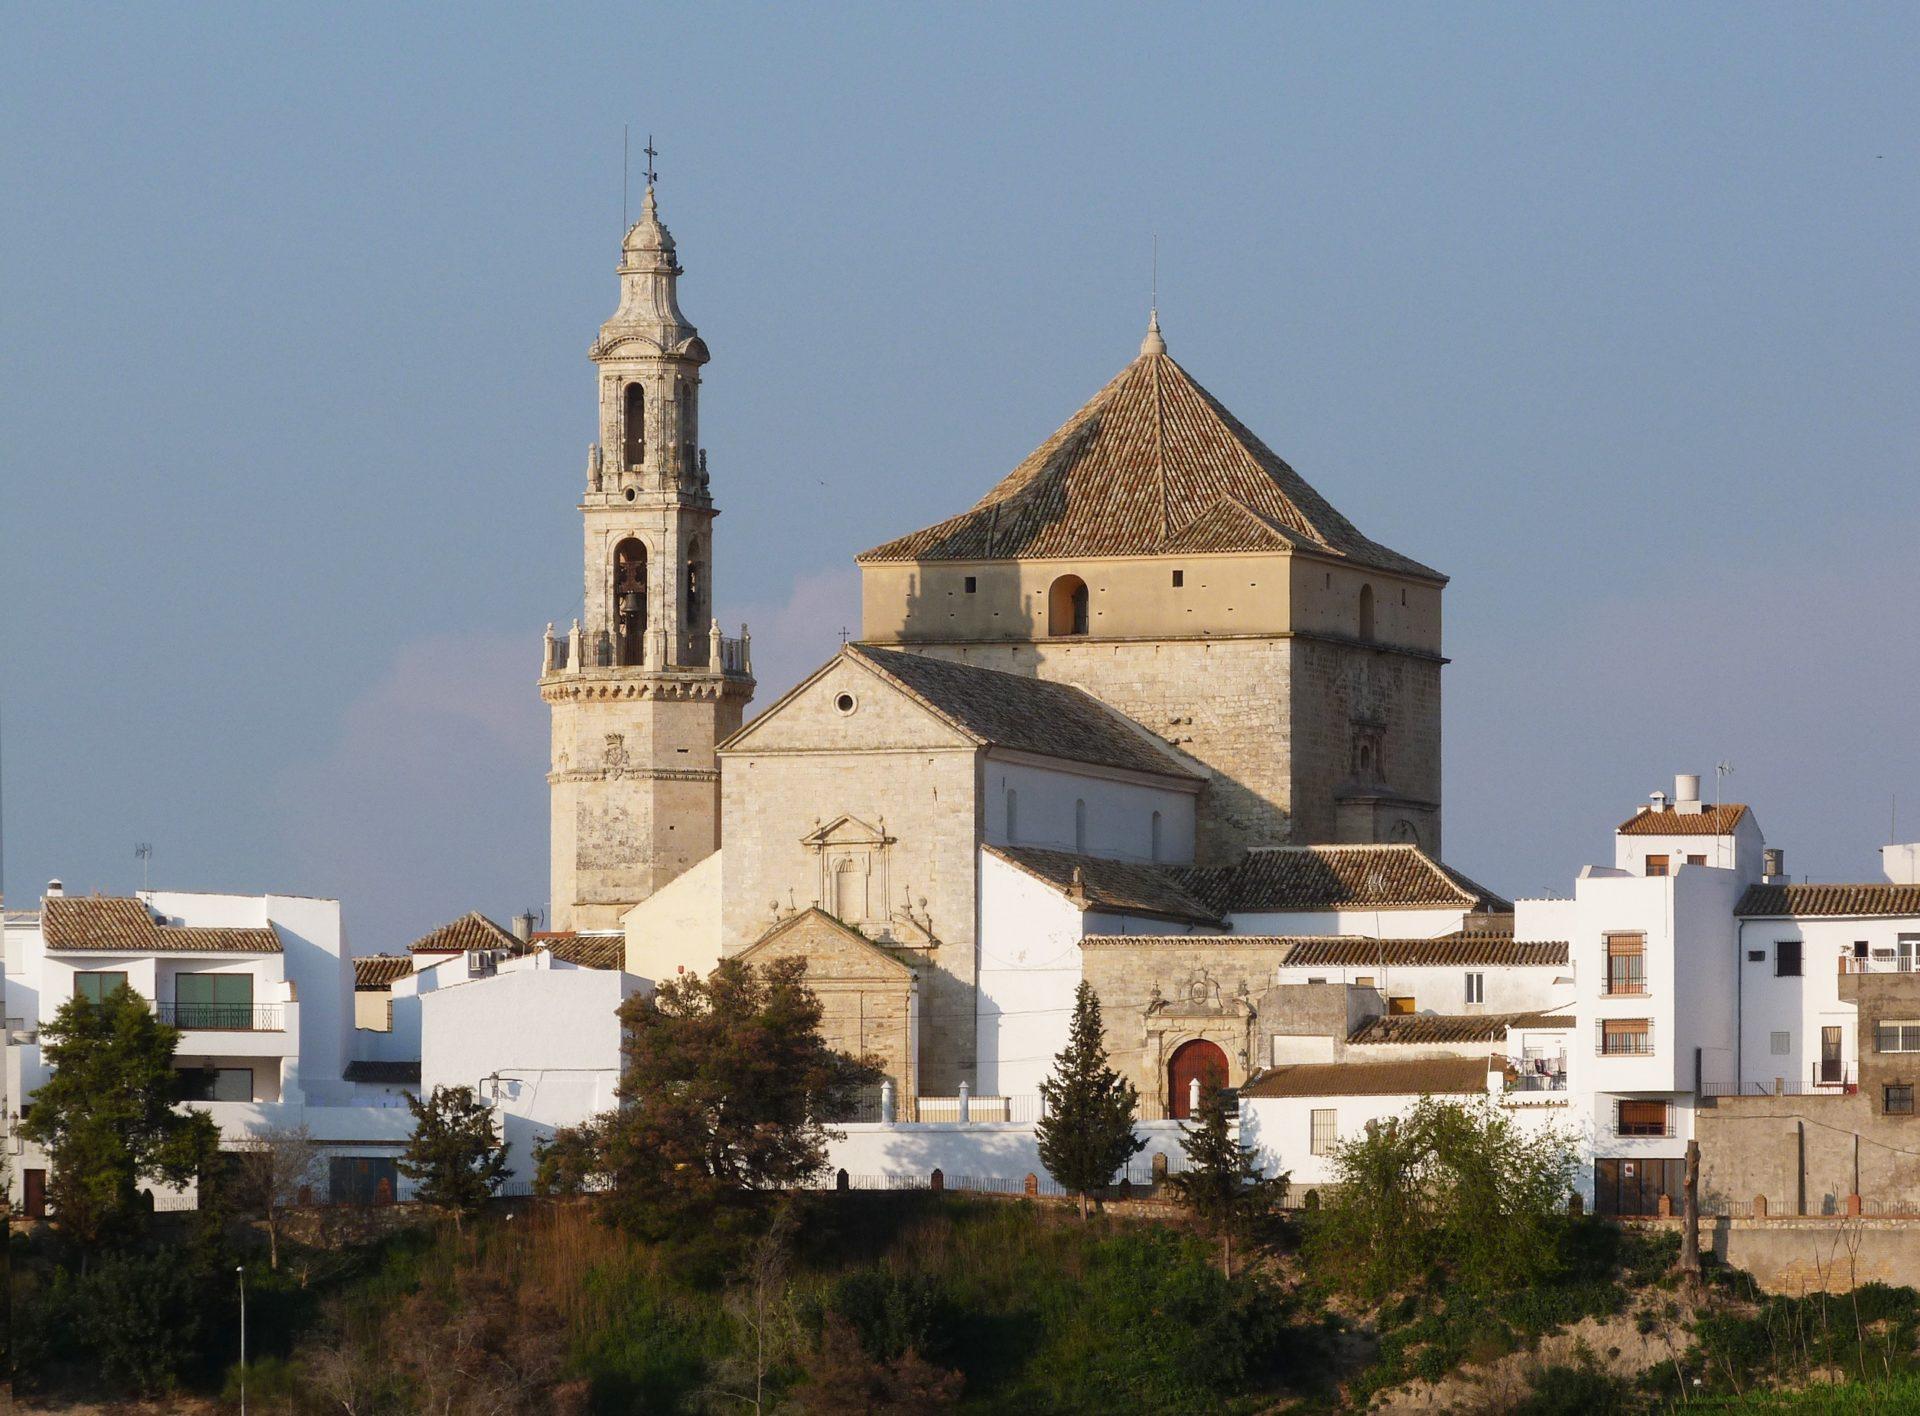 Vista de Santaella con la iglesia al fondo